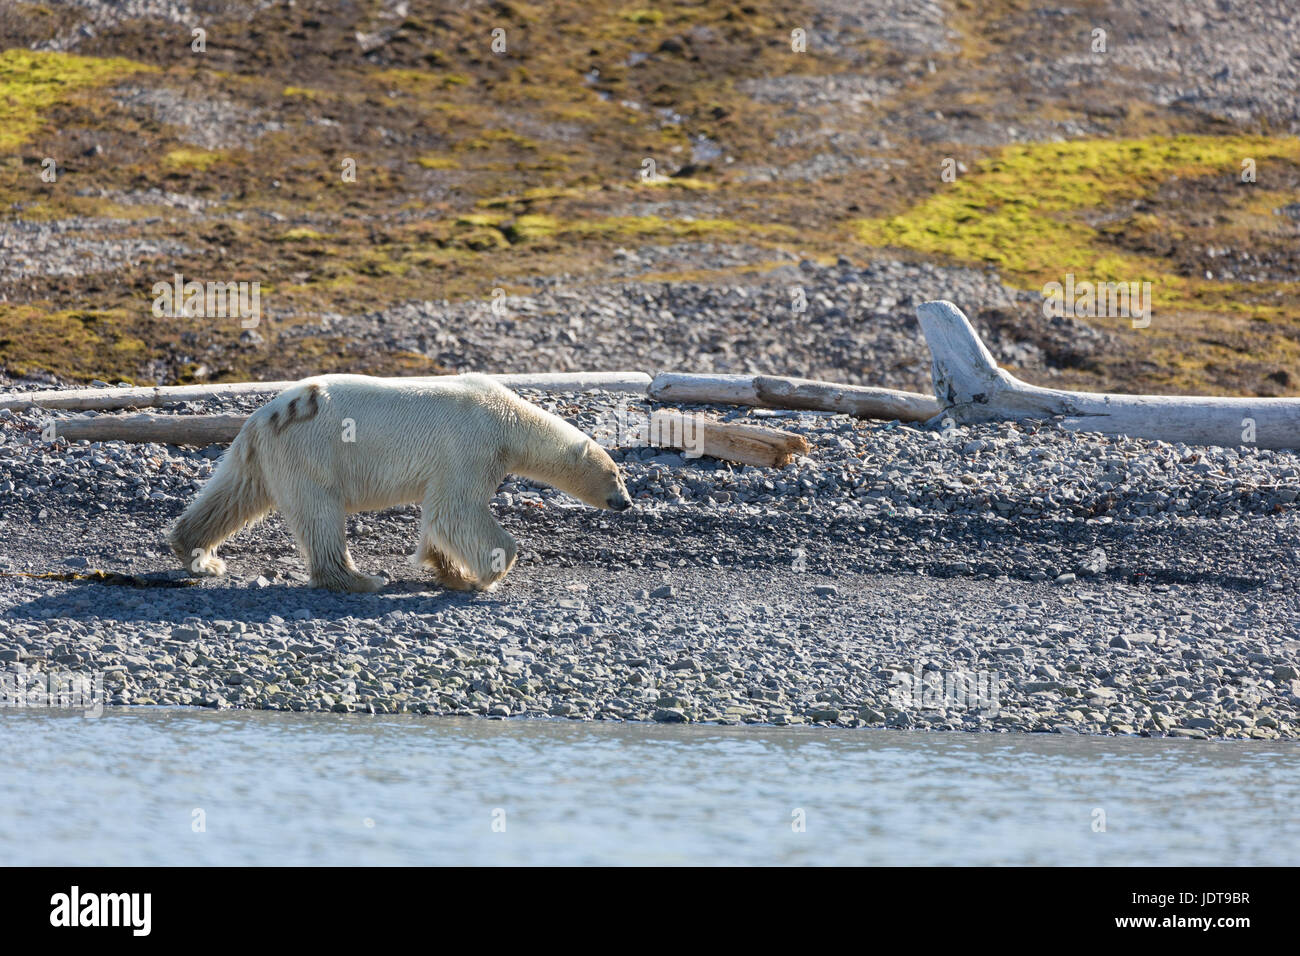 Un adulto di orso polare passeggiate lungo una spiaggia di ciottoli in Mushamna, Spitzbergen Immagini Stock